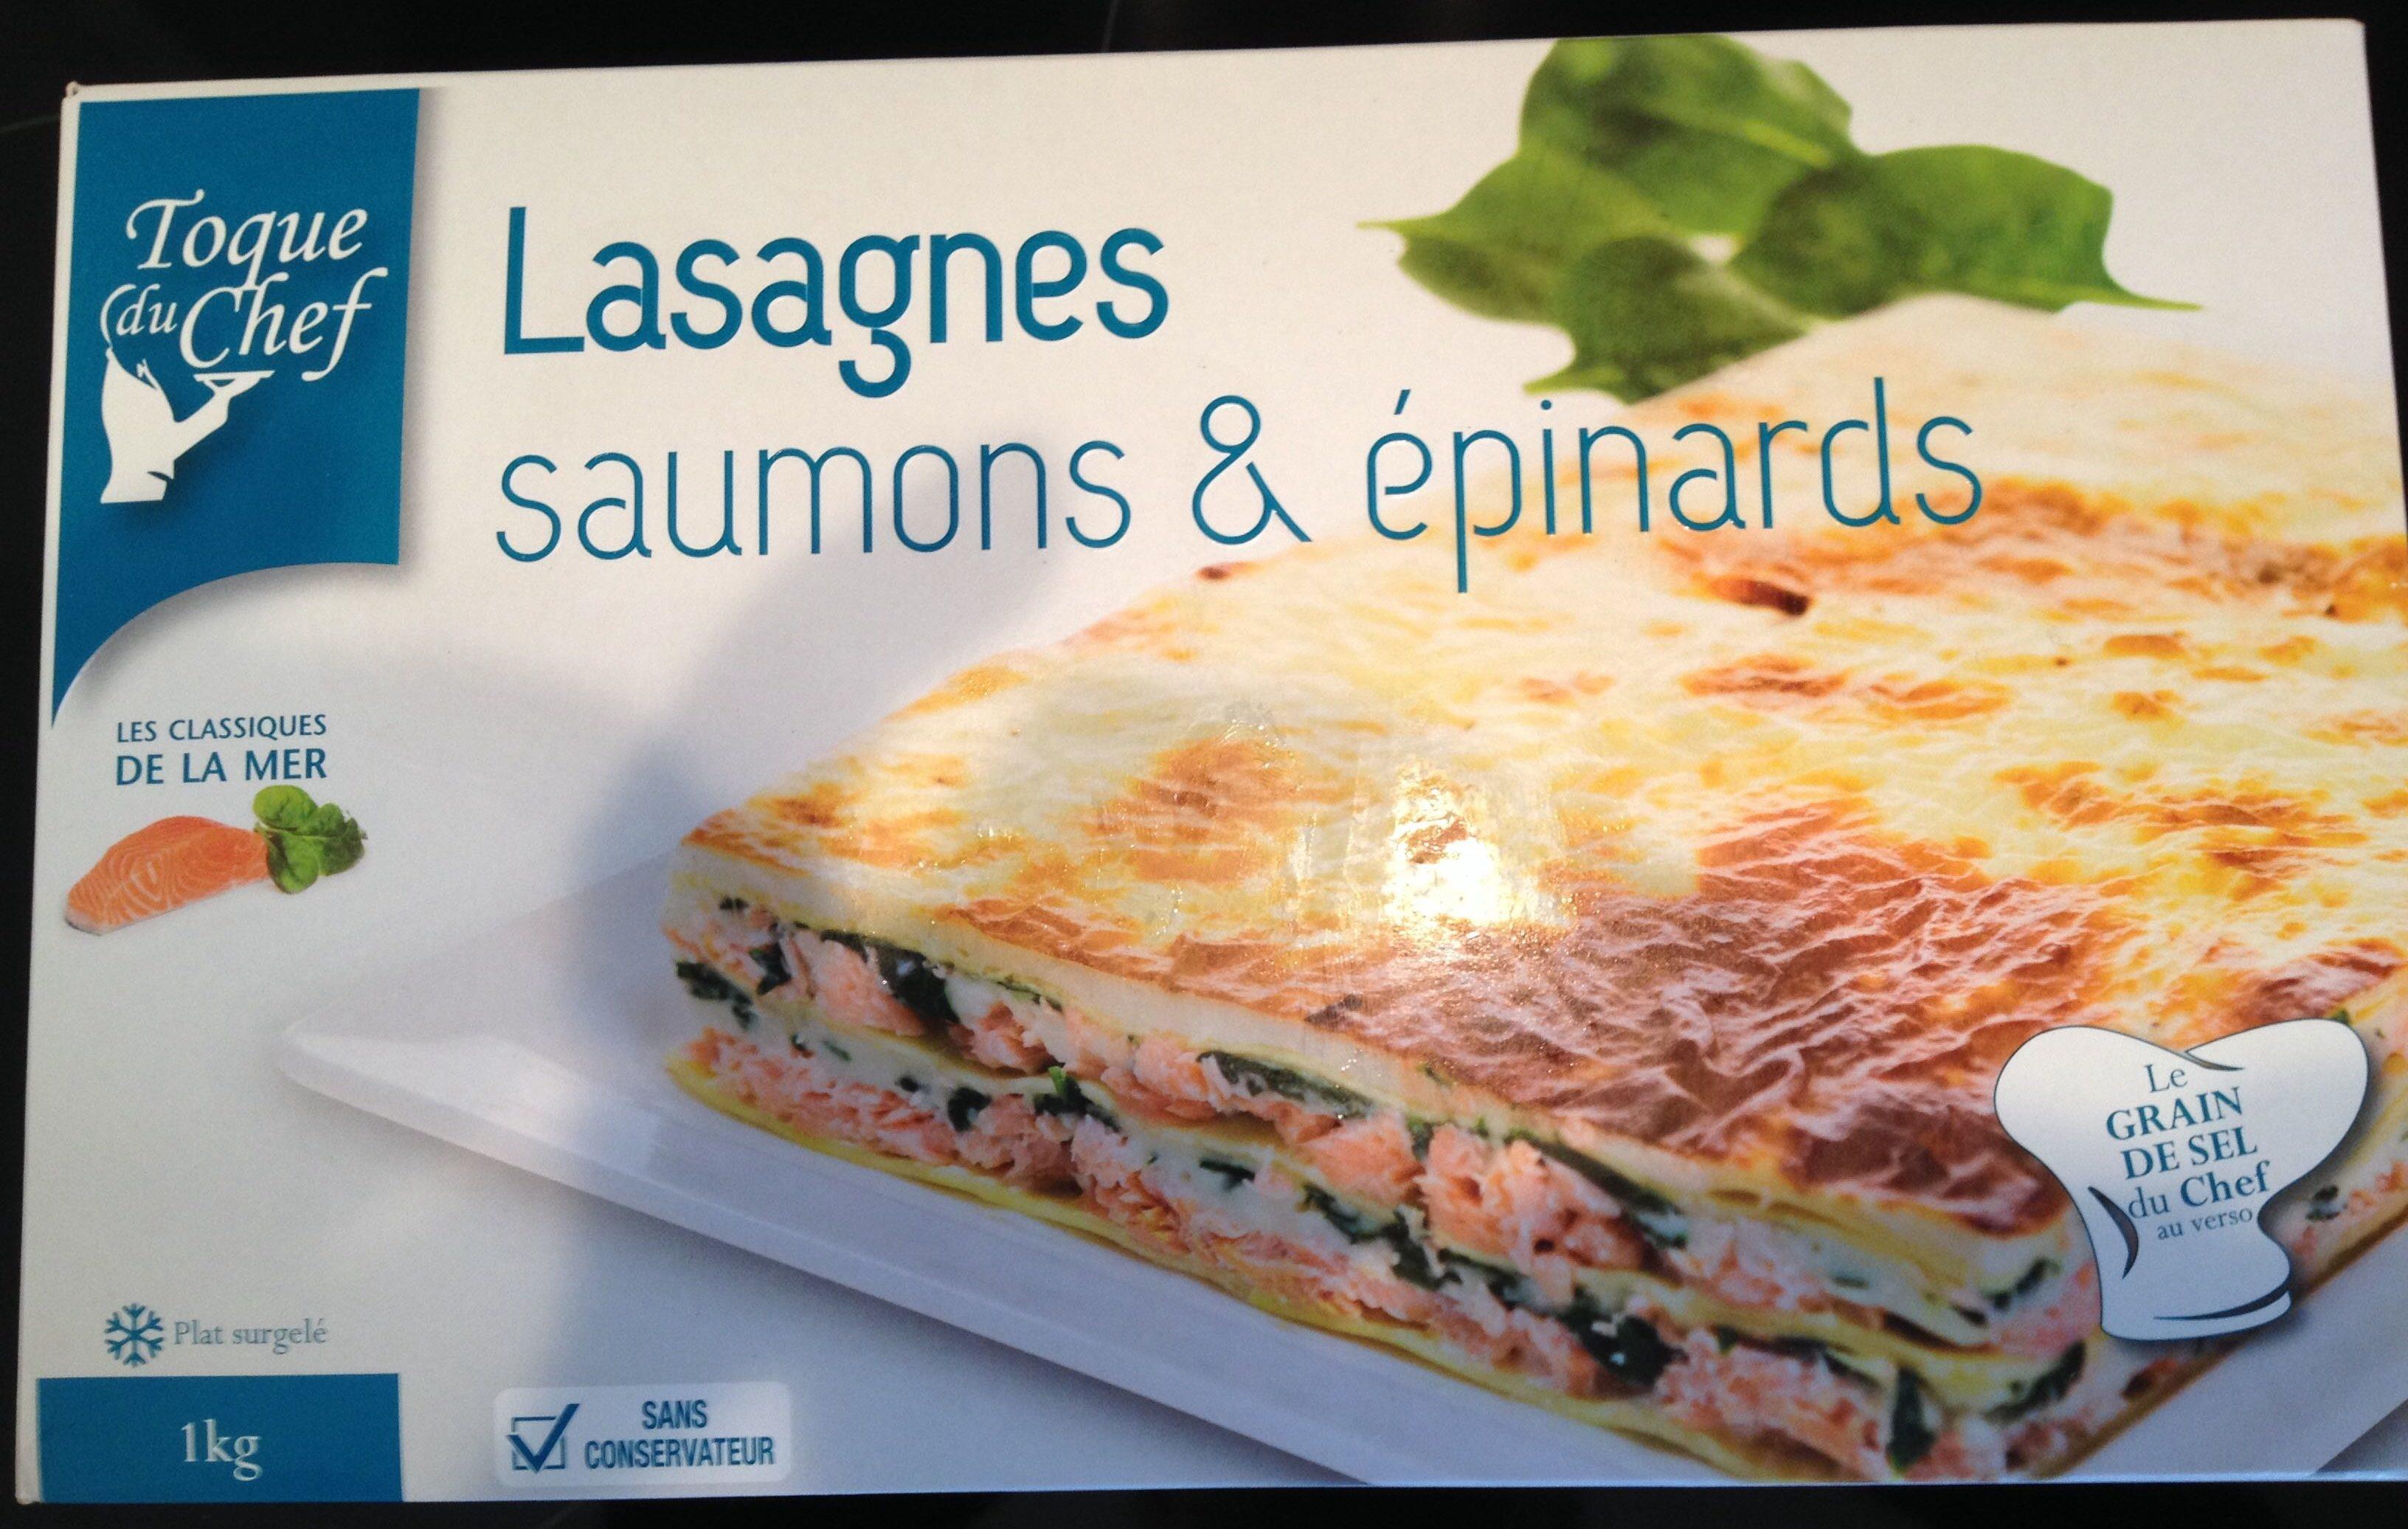 Lasagnes saumons & épinards - Produit - fr